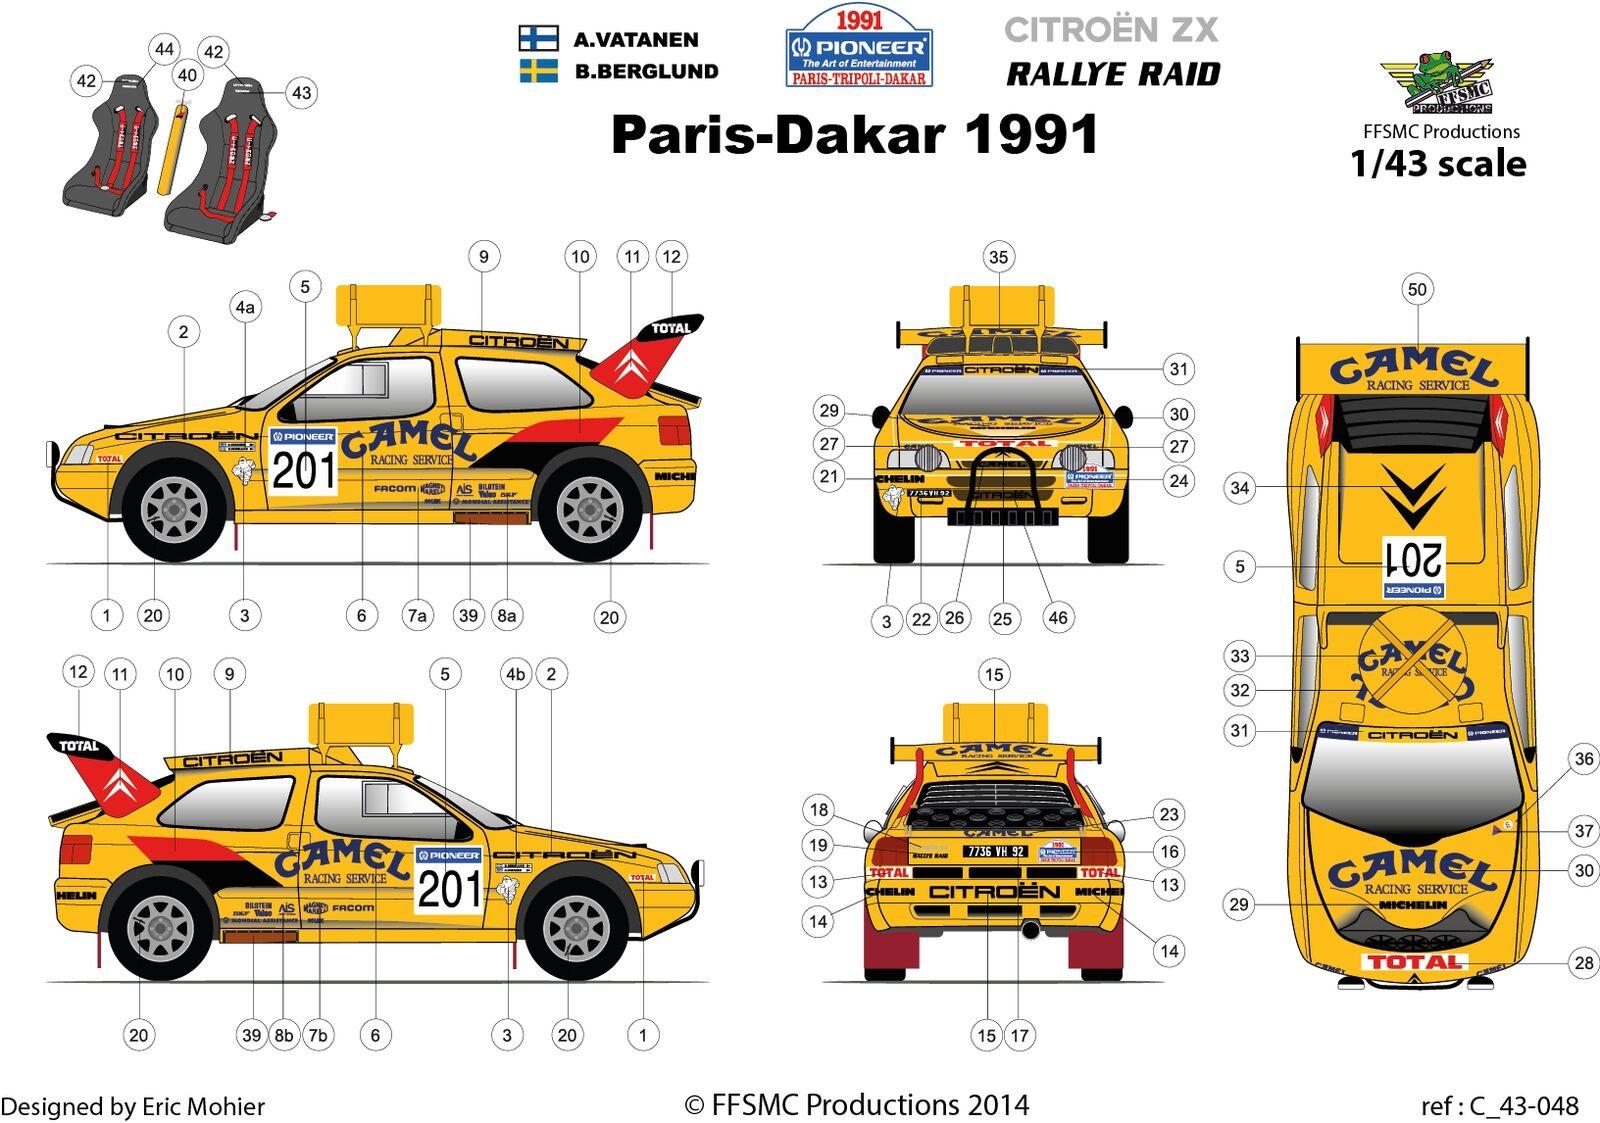 [FFSMC Productions] Decals 1/43 Citroën ZX Vatanen-Berglund #201 Paris-Dakar Paris-Dakar Paris-Dakar 91 61322e